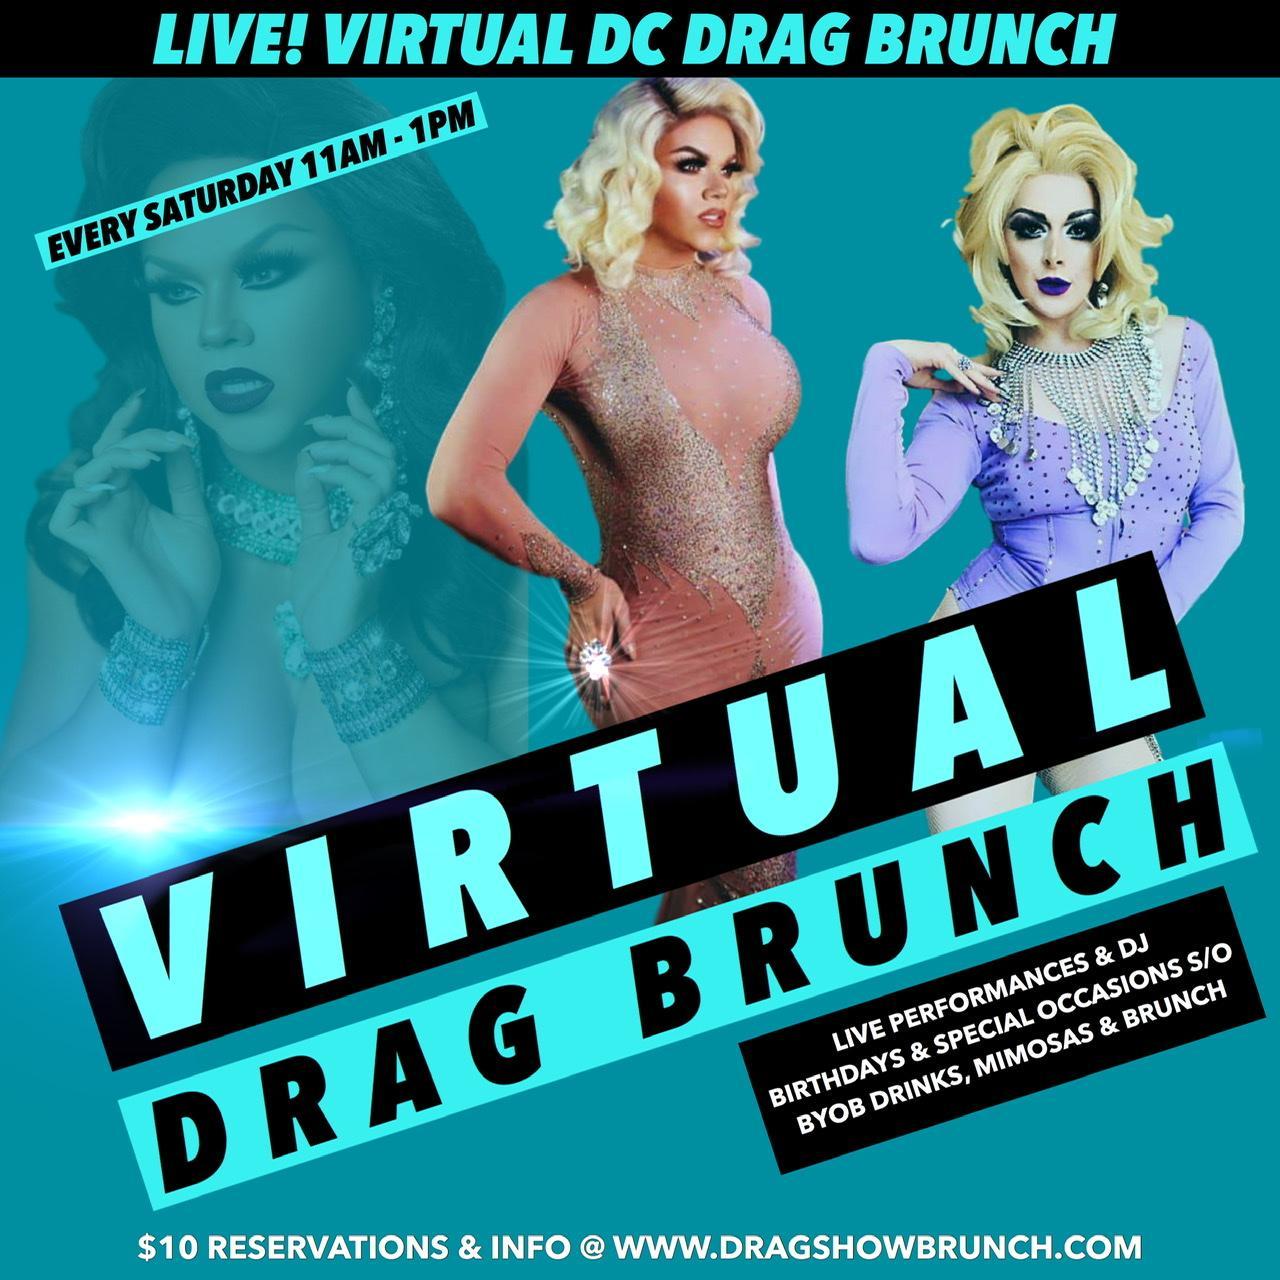 Online Drag Brunch LIVE 2